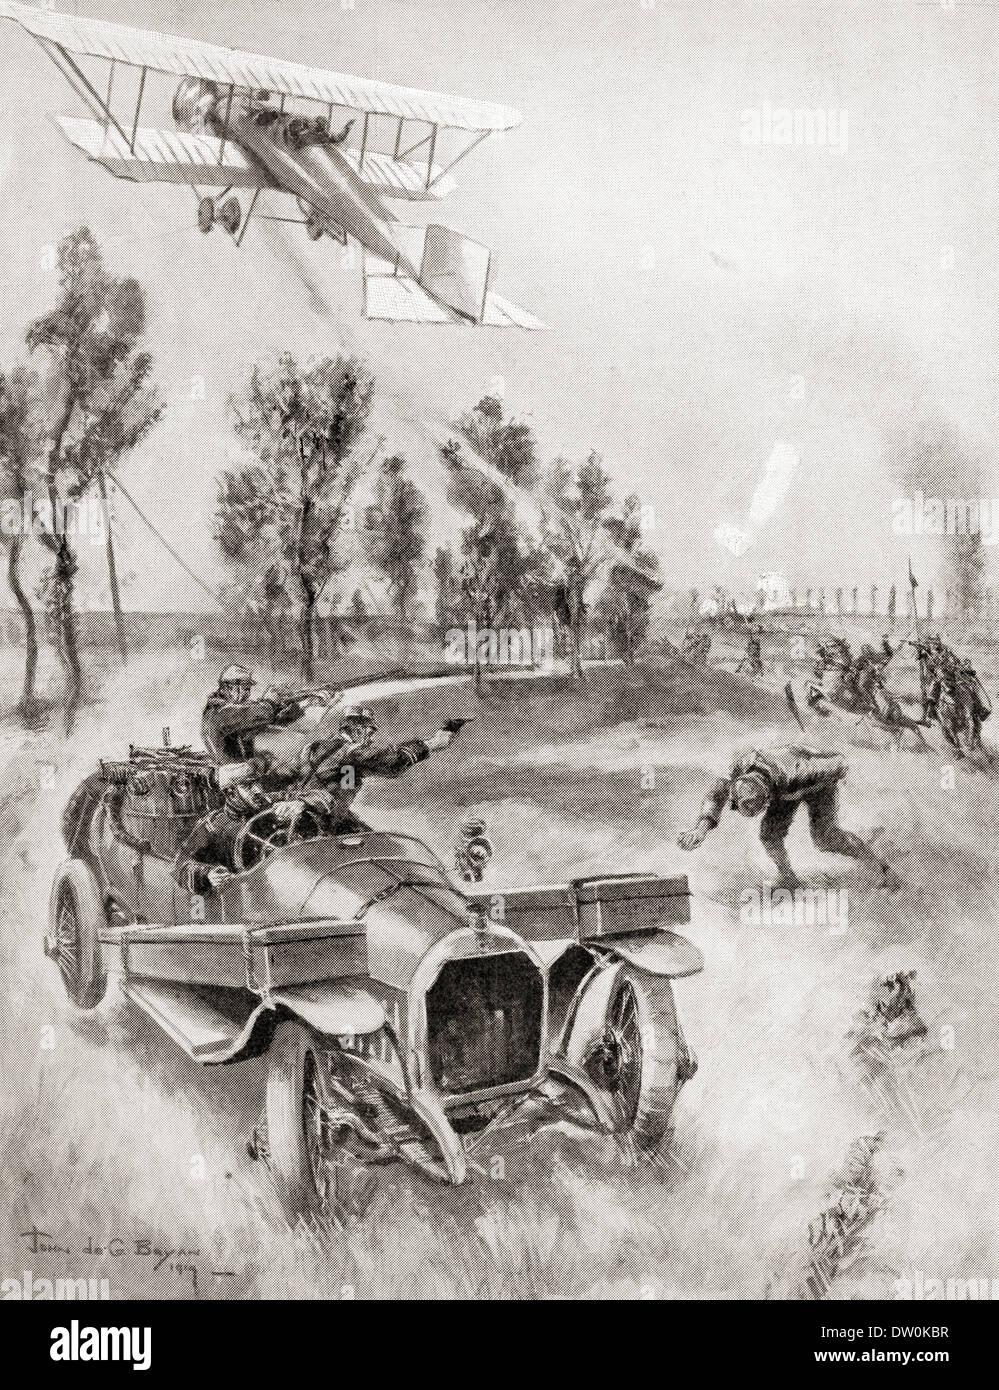 Französische Soldaten retten einen Mechaniker Stockfoto